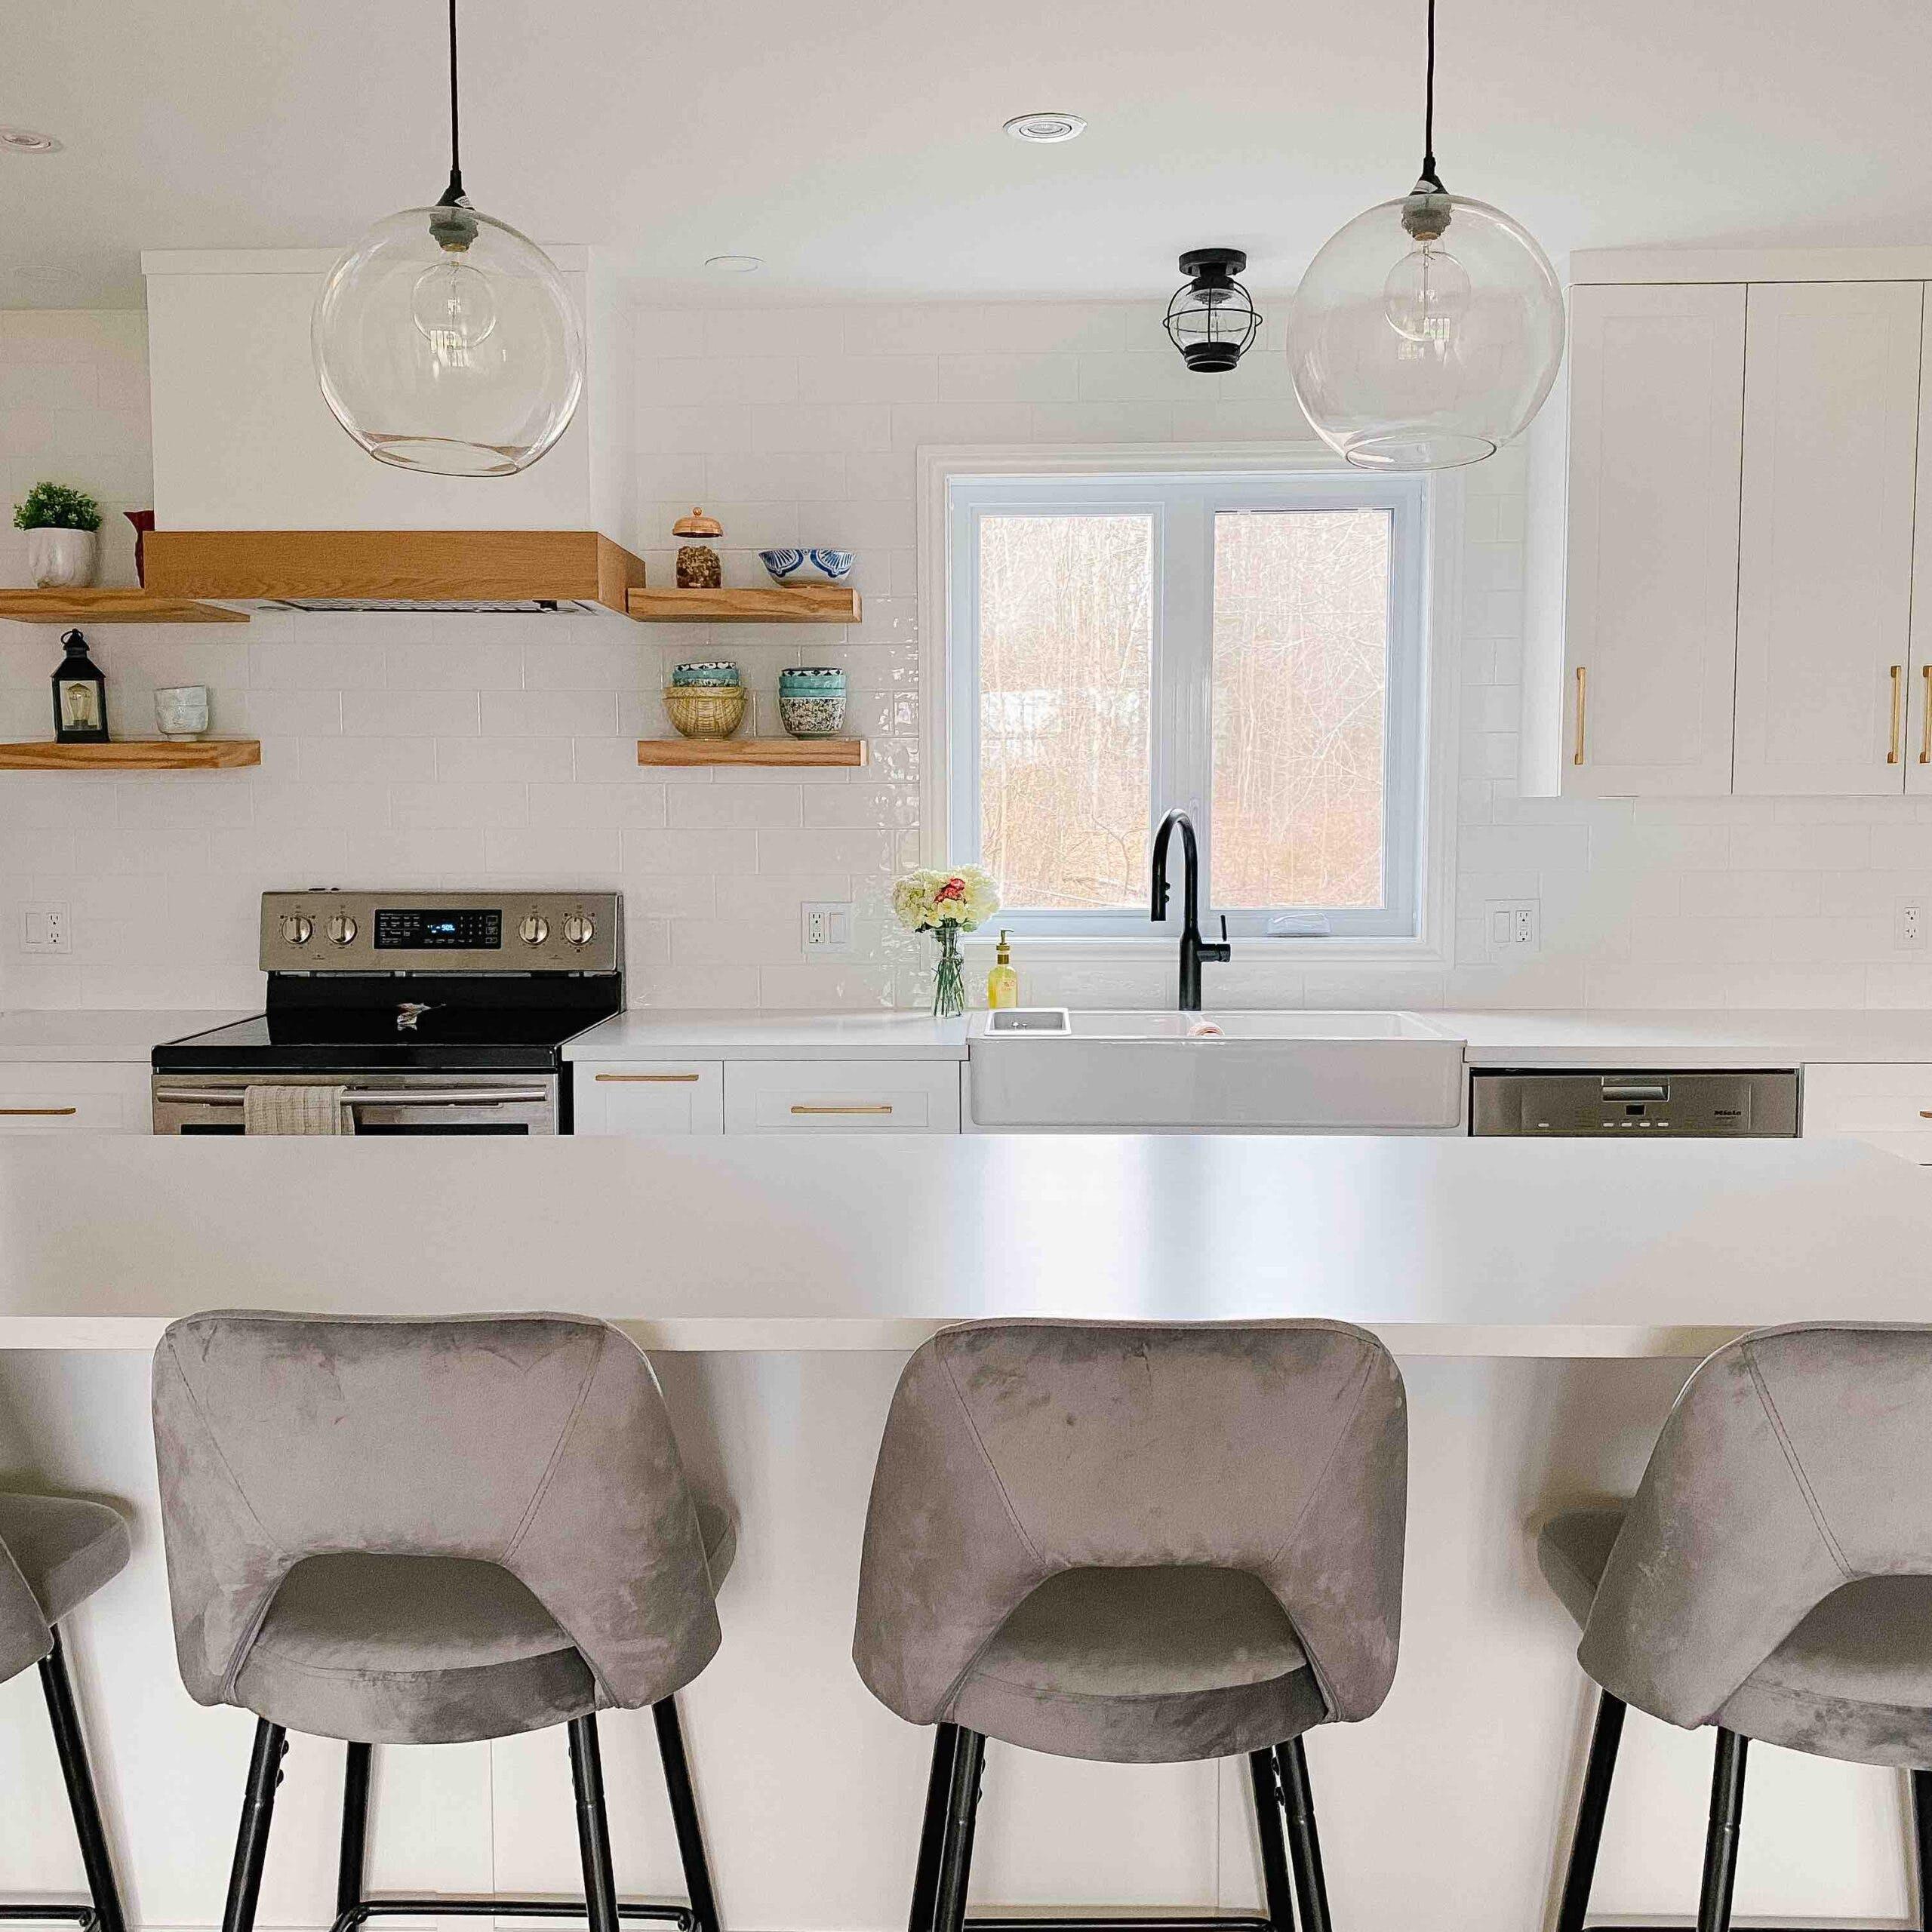 Image of IMG 5399 scaled 8 in Un coup d'oeil à l'intérieur de la cuisine de ferme moderne de Jaime Damak - Cosentino